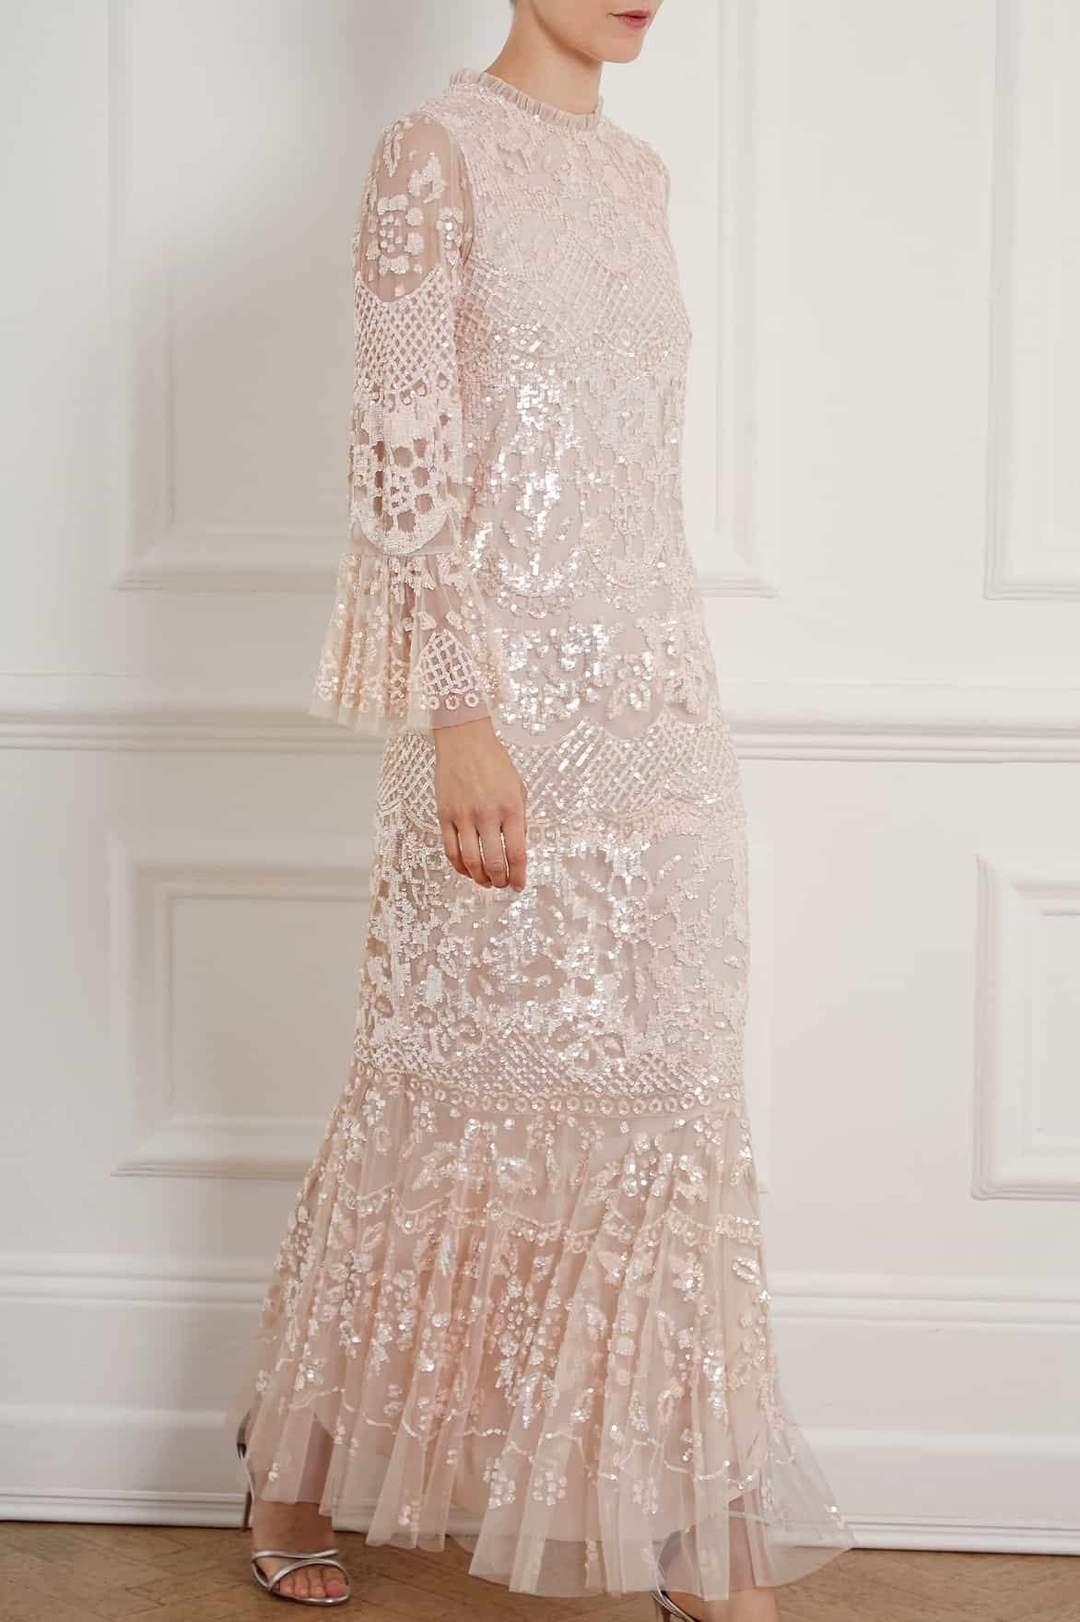 Pale pink lace wedding dress